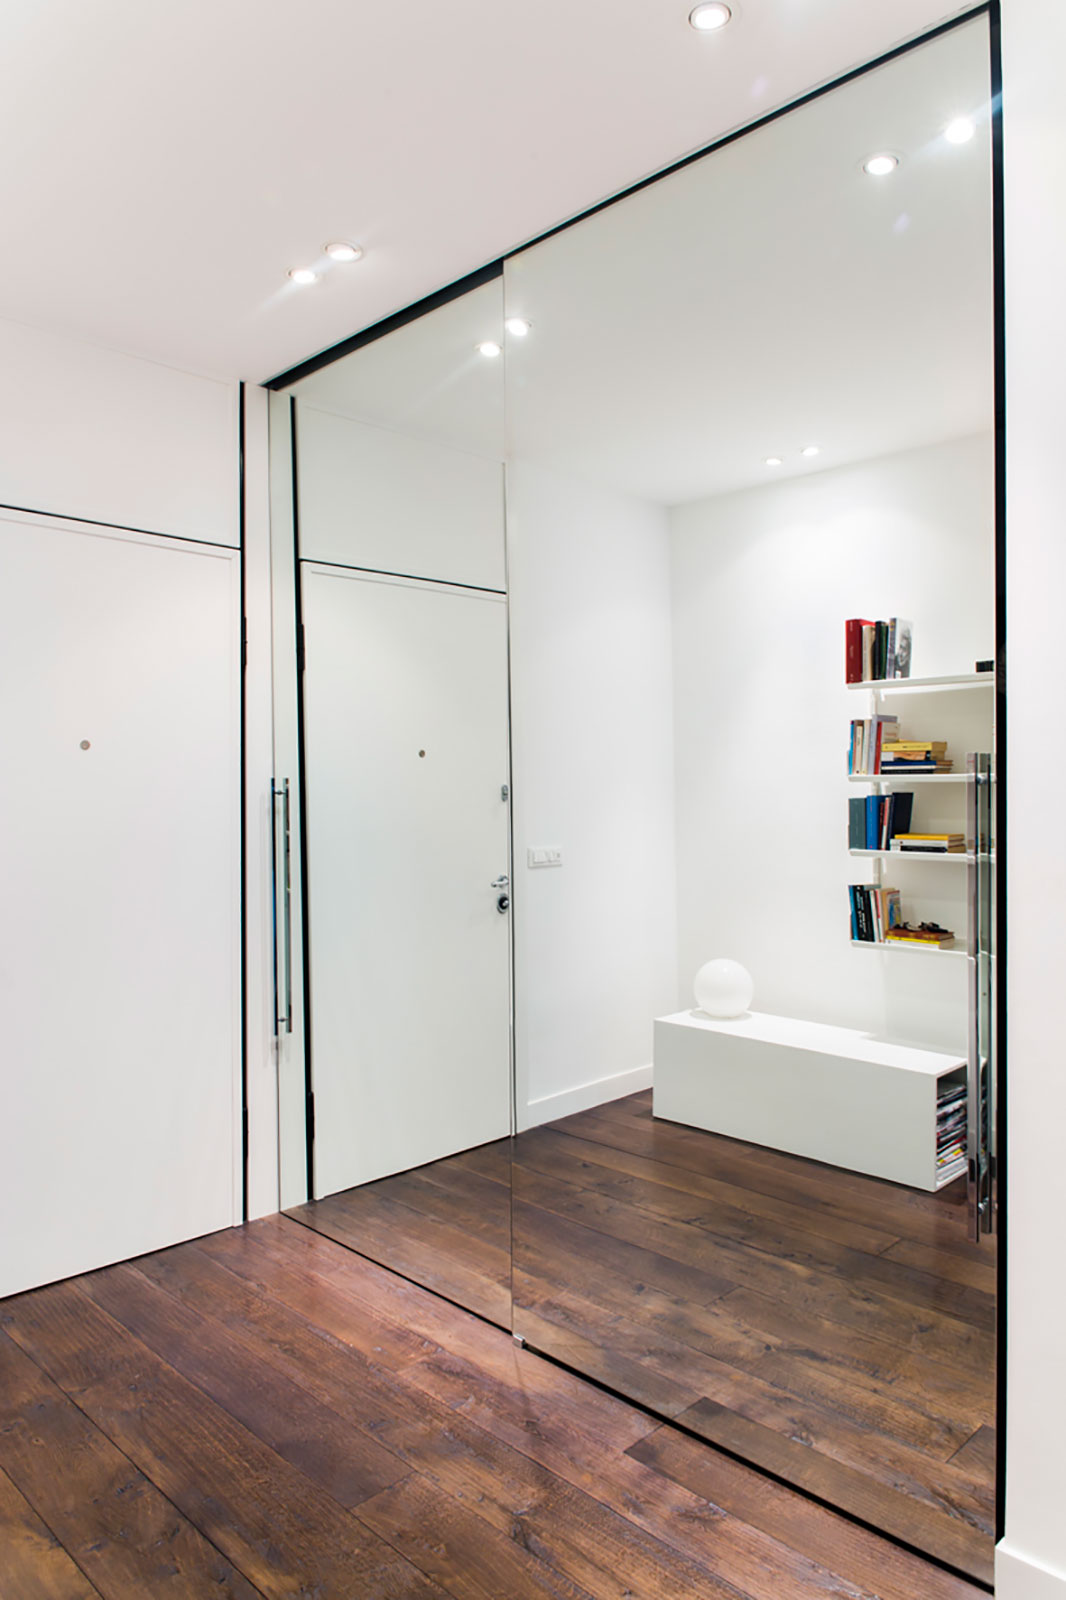 Ingrandire con lo specchio henry glass - Porte scorrevoli specchio ...